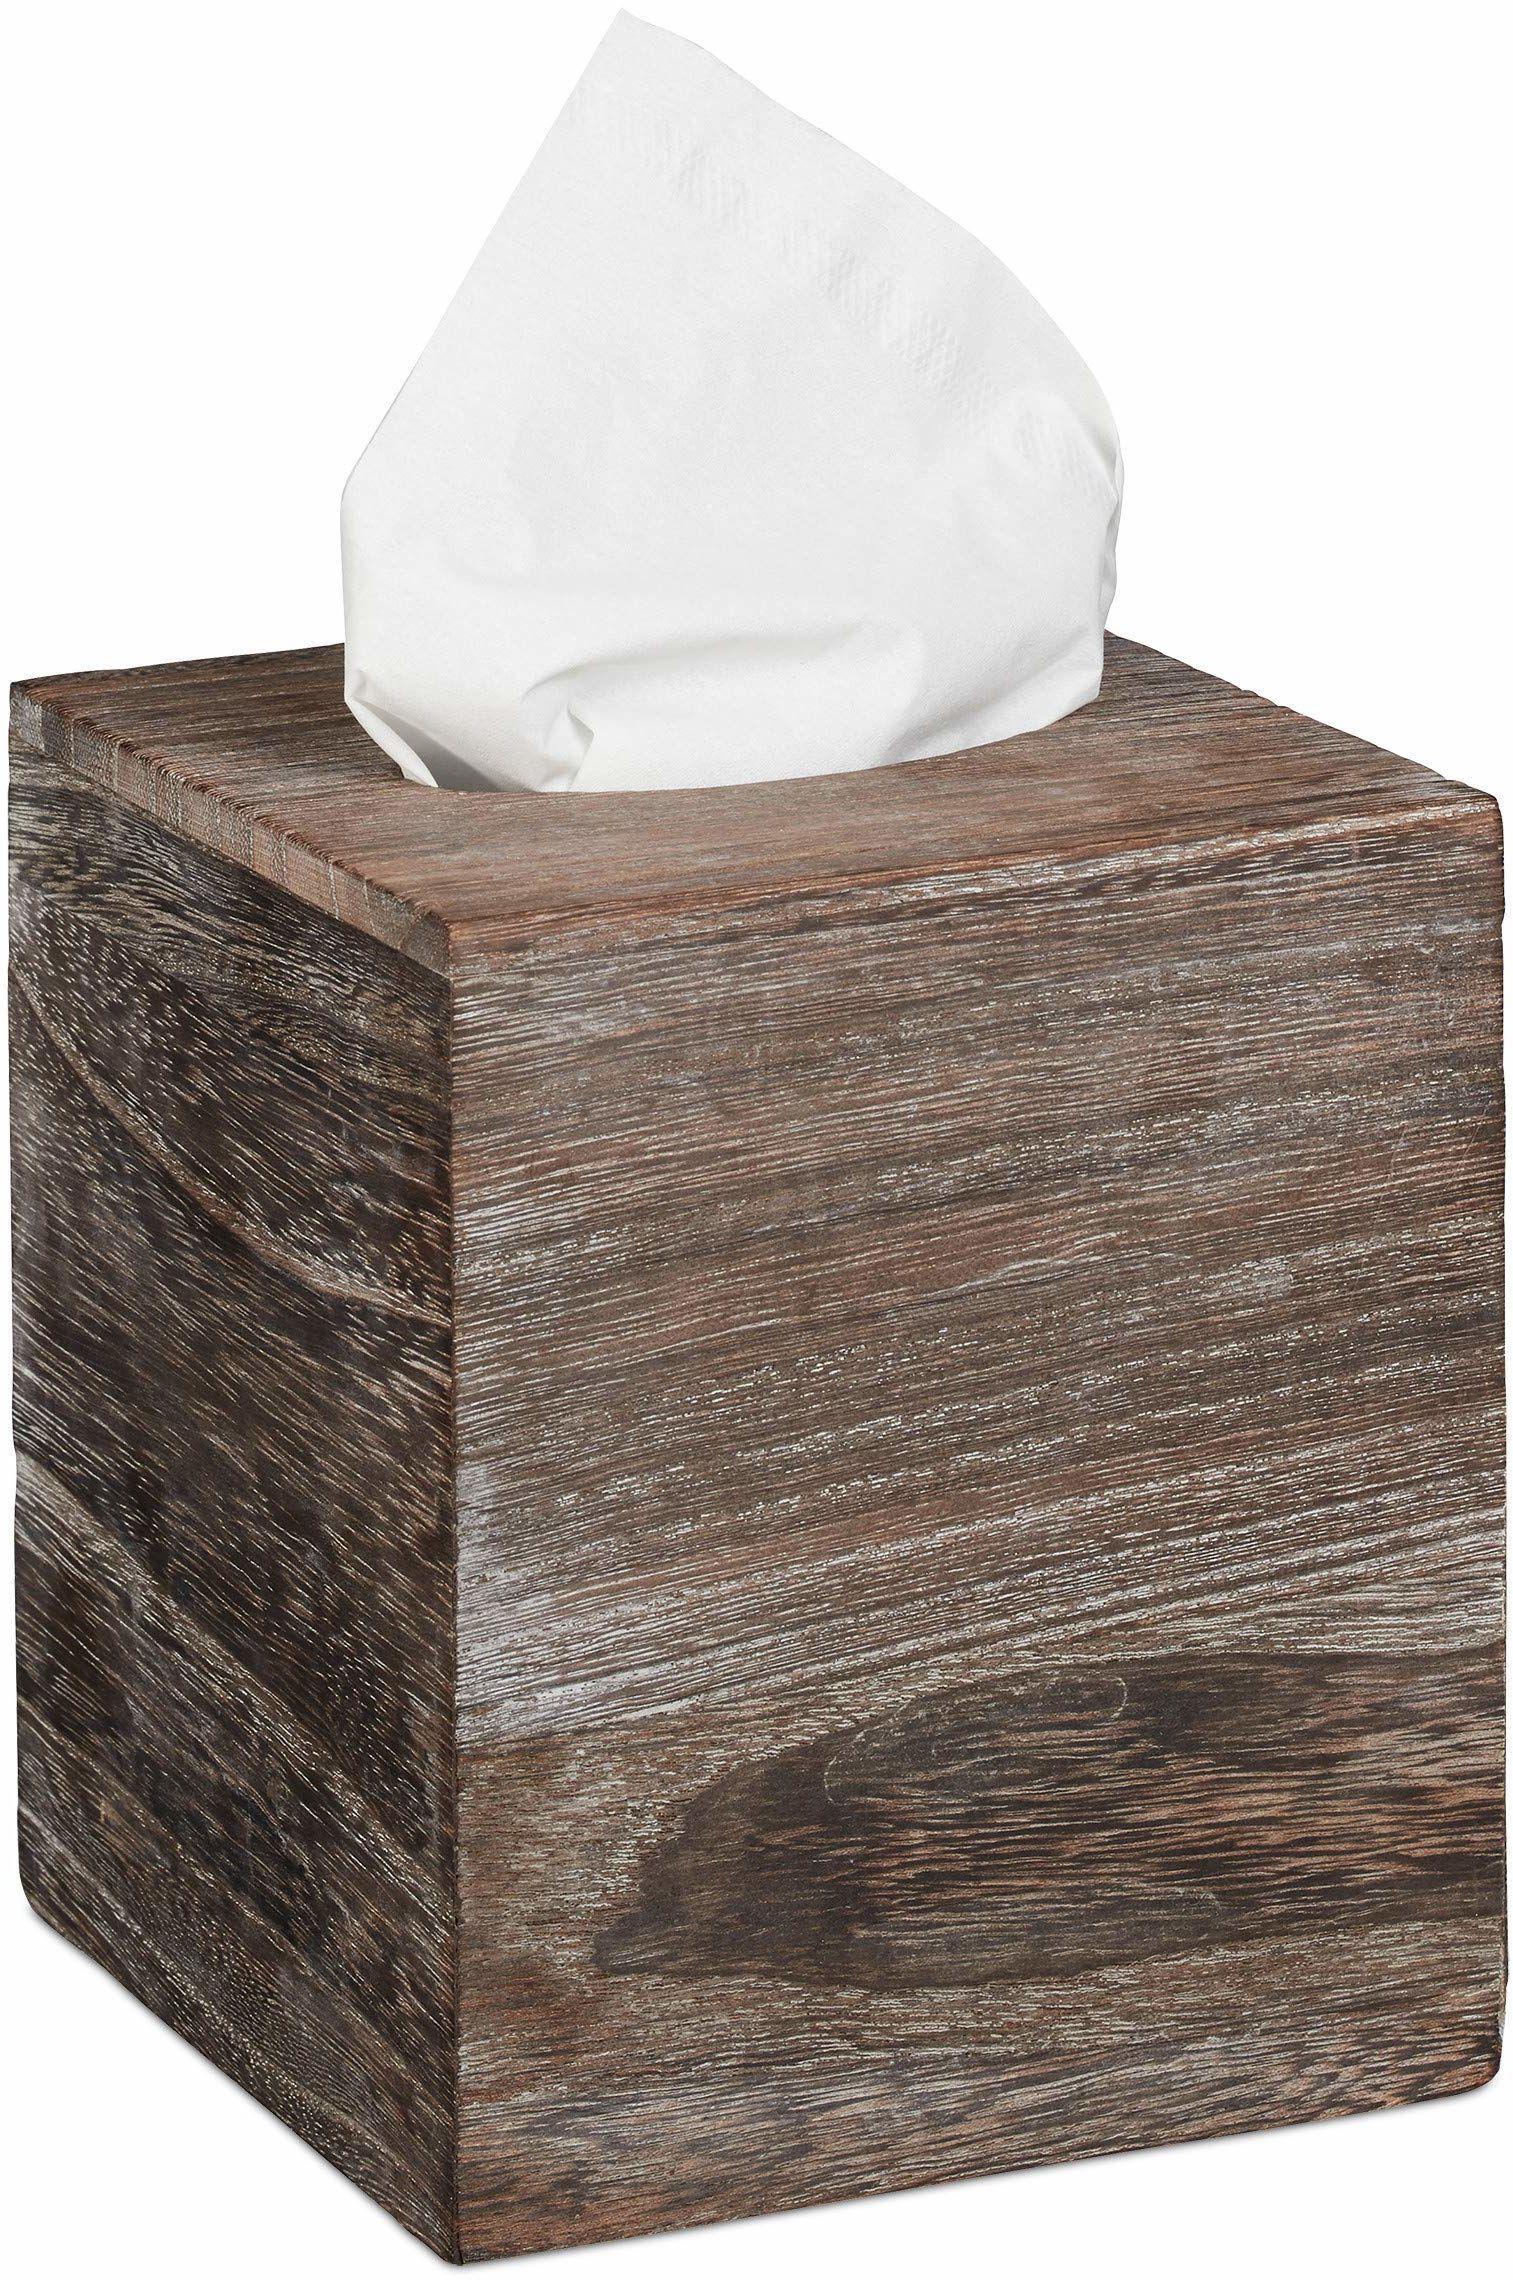 Relaxdays Pudełko na chusteczki Shabby, pudełko na chusteczki z przesuwanym dnem, pudełko na chusteczki, kwadratowe, wys. x szer. x gł.: 16,5 x 14 x 14 cm, brązowe